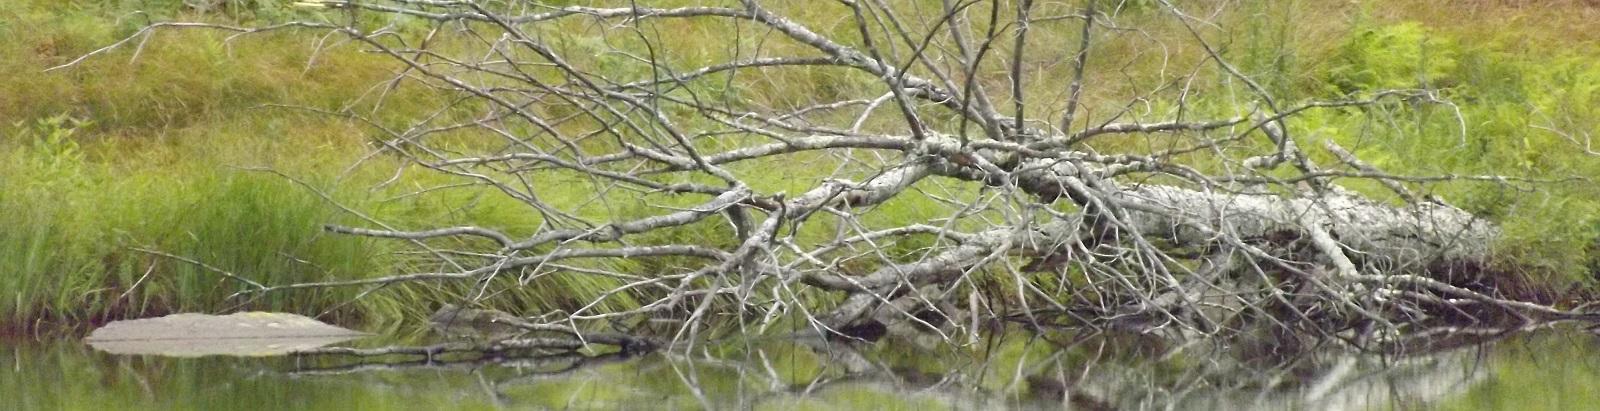 Fallen Tree in Water